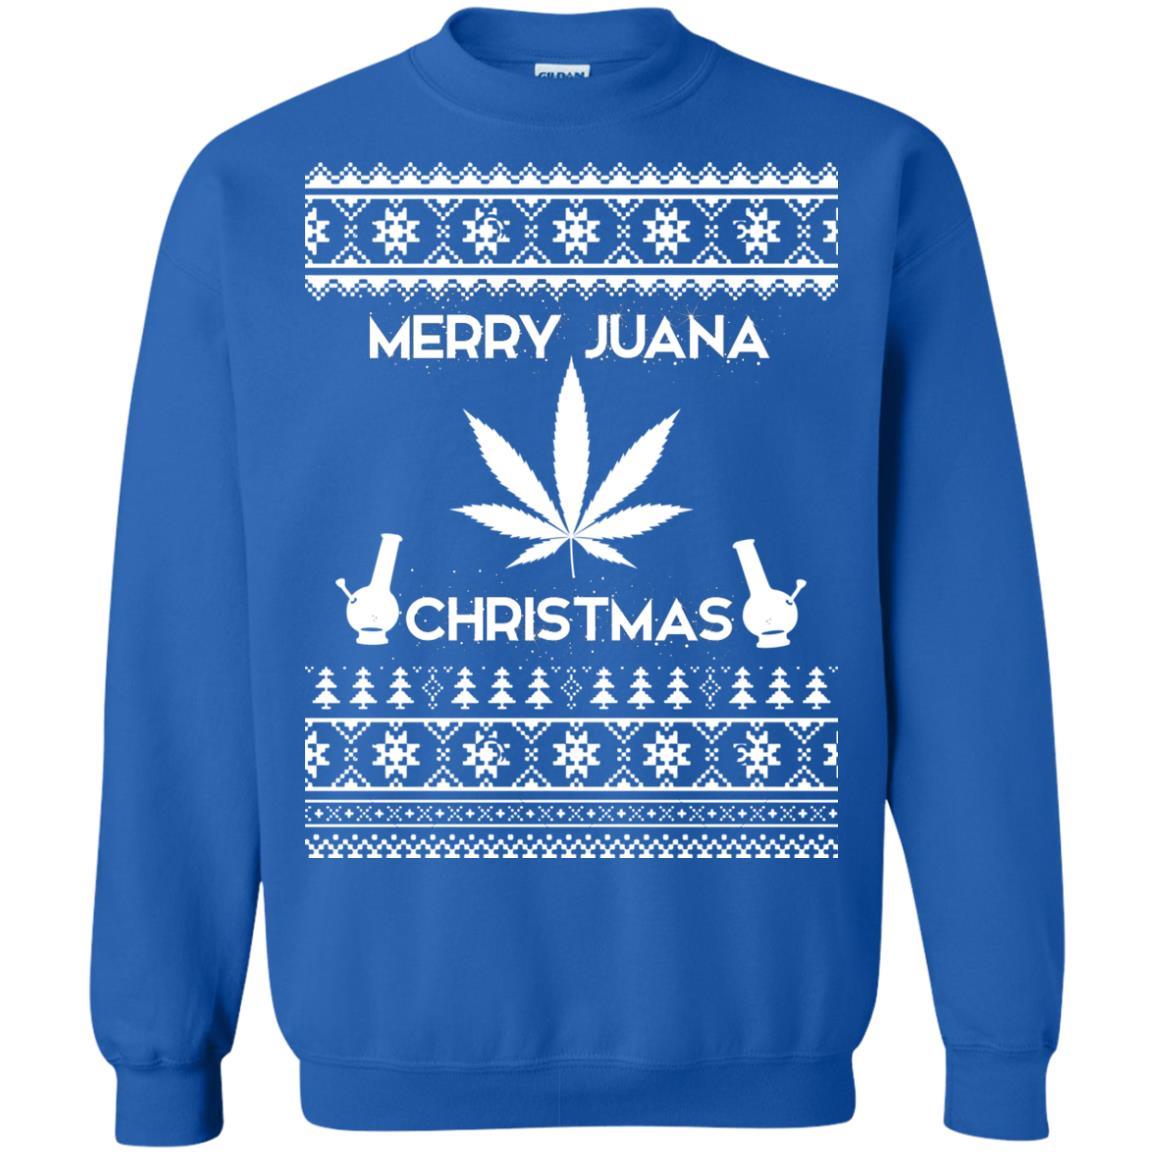 image 3894 - Merry Juana Weed Christmas Sweater, Ugly Sweatshirt